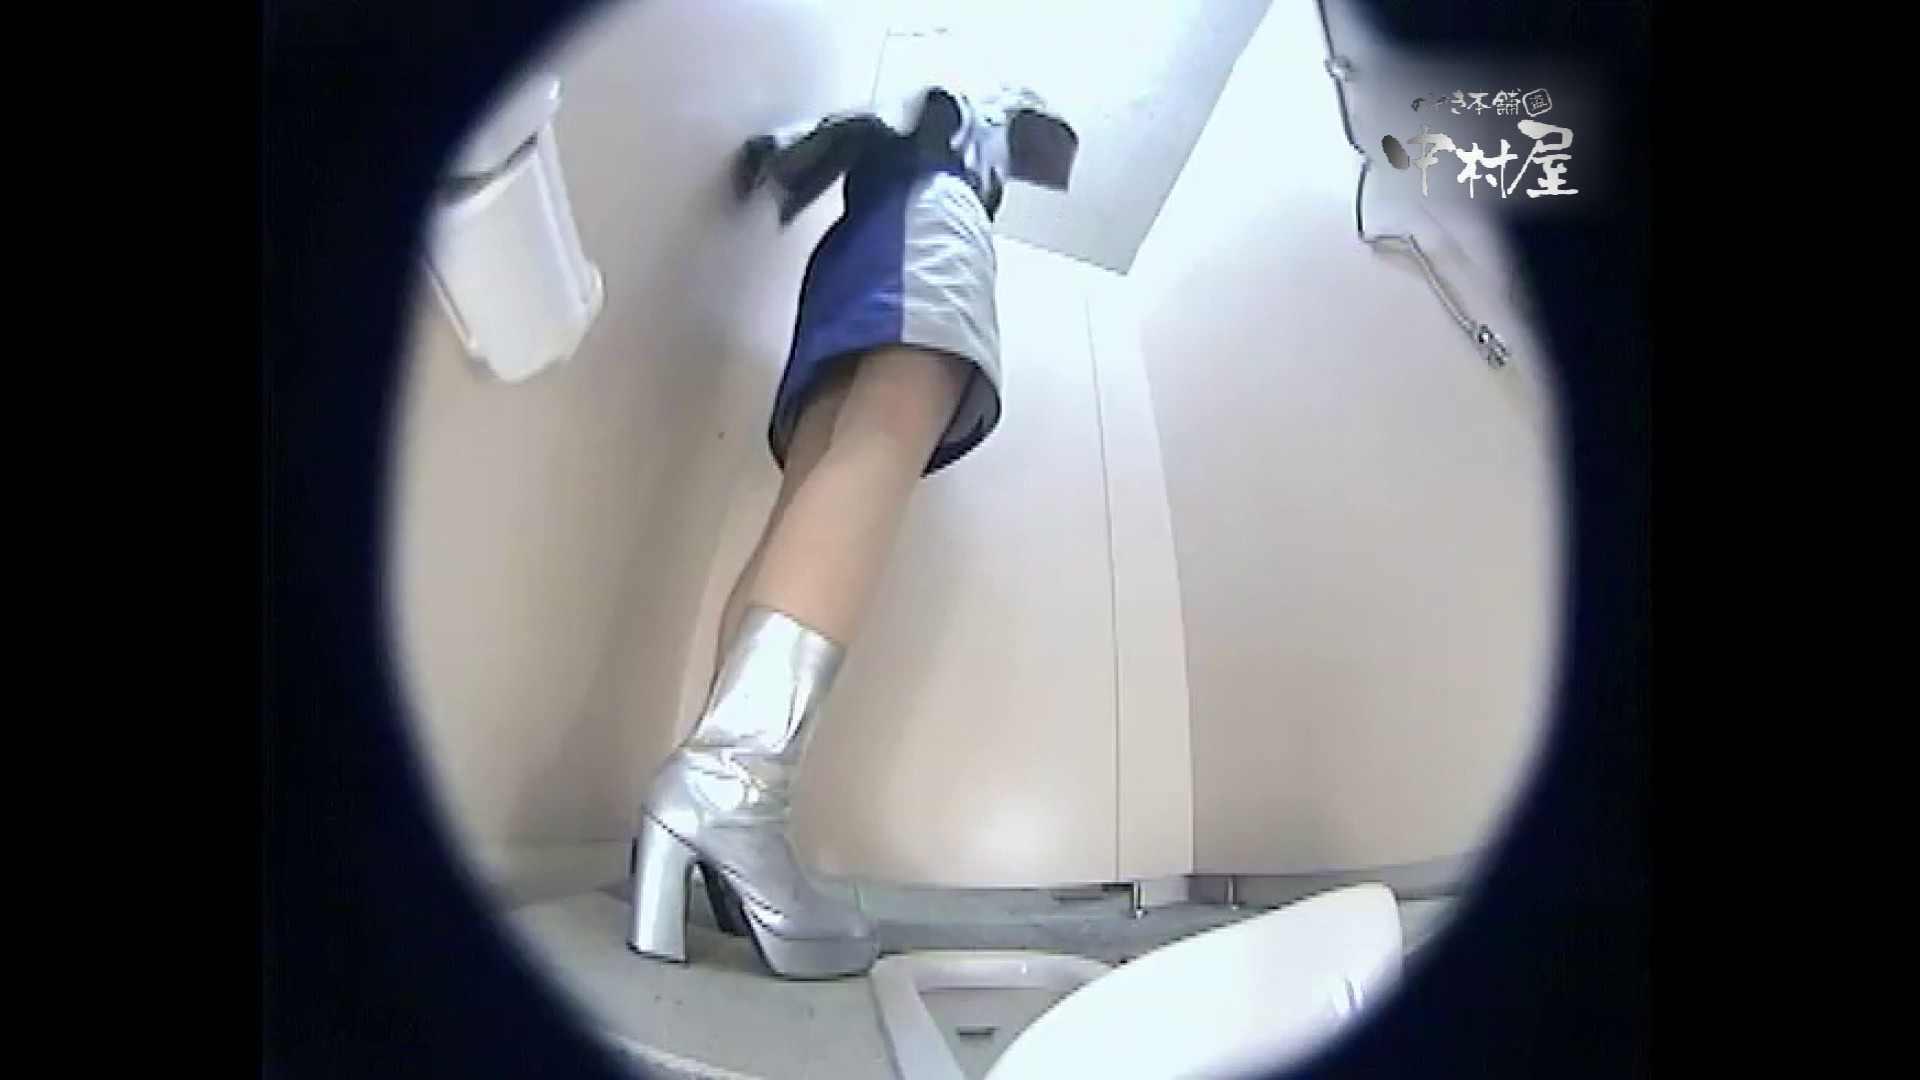 レースクィーントイレ盗撮!Vol.05 マンコ無修正 盗み撮り動画キャプチャ 89画像 60